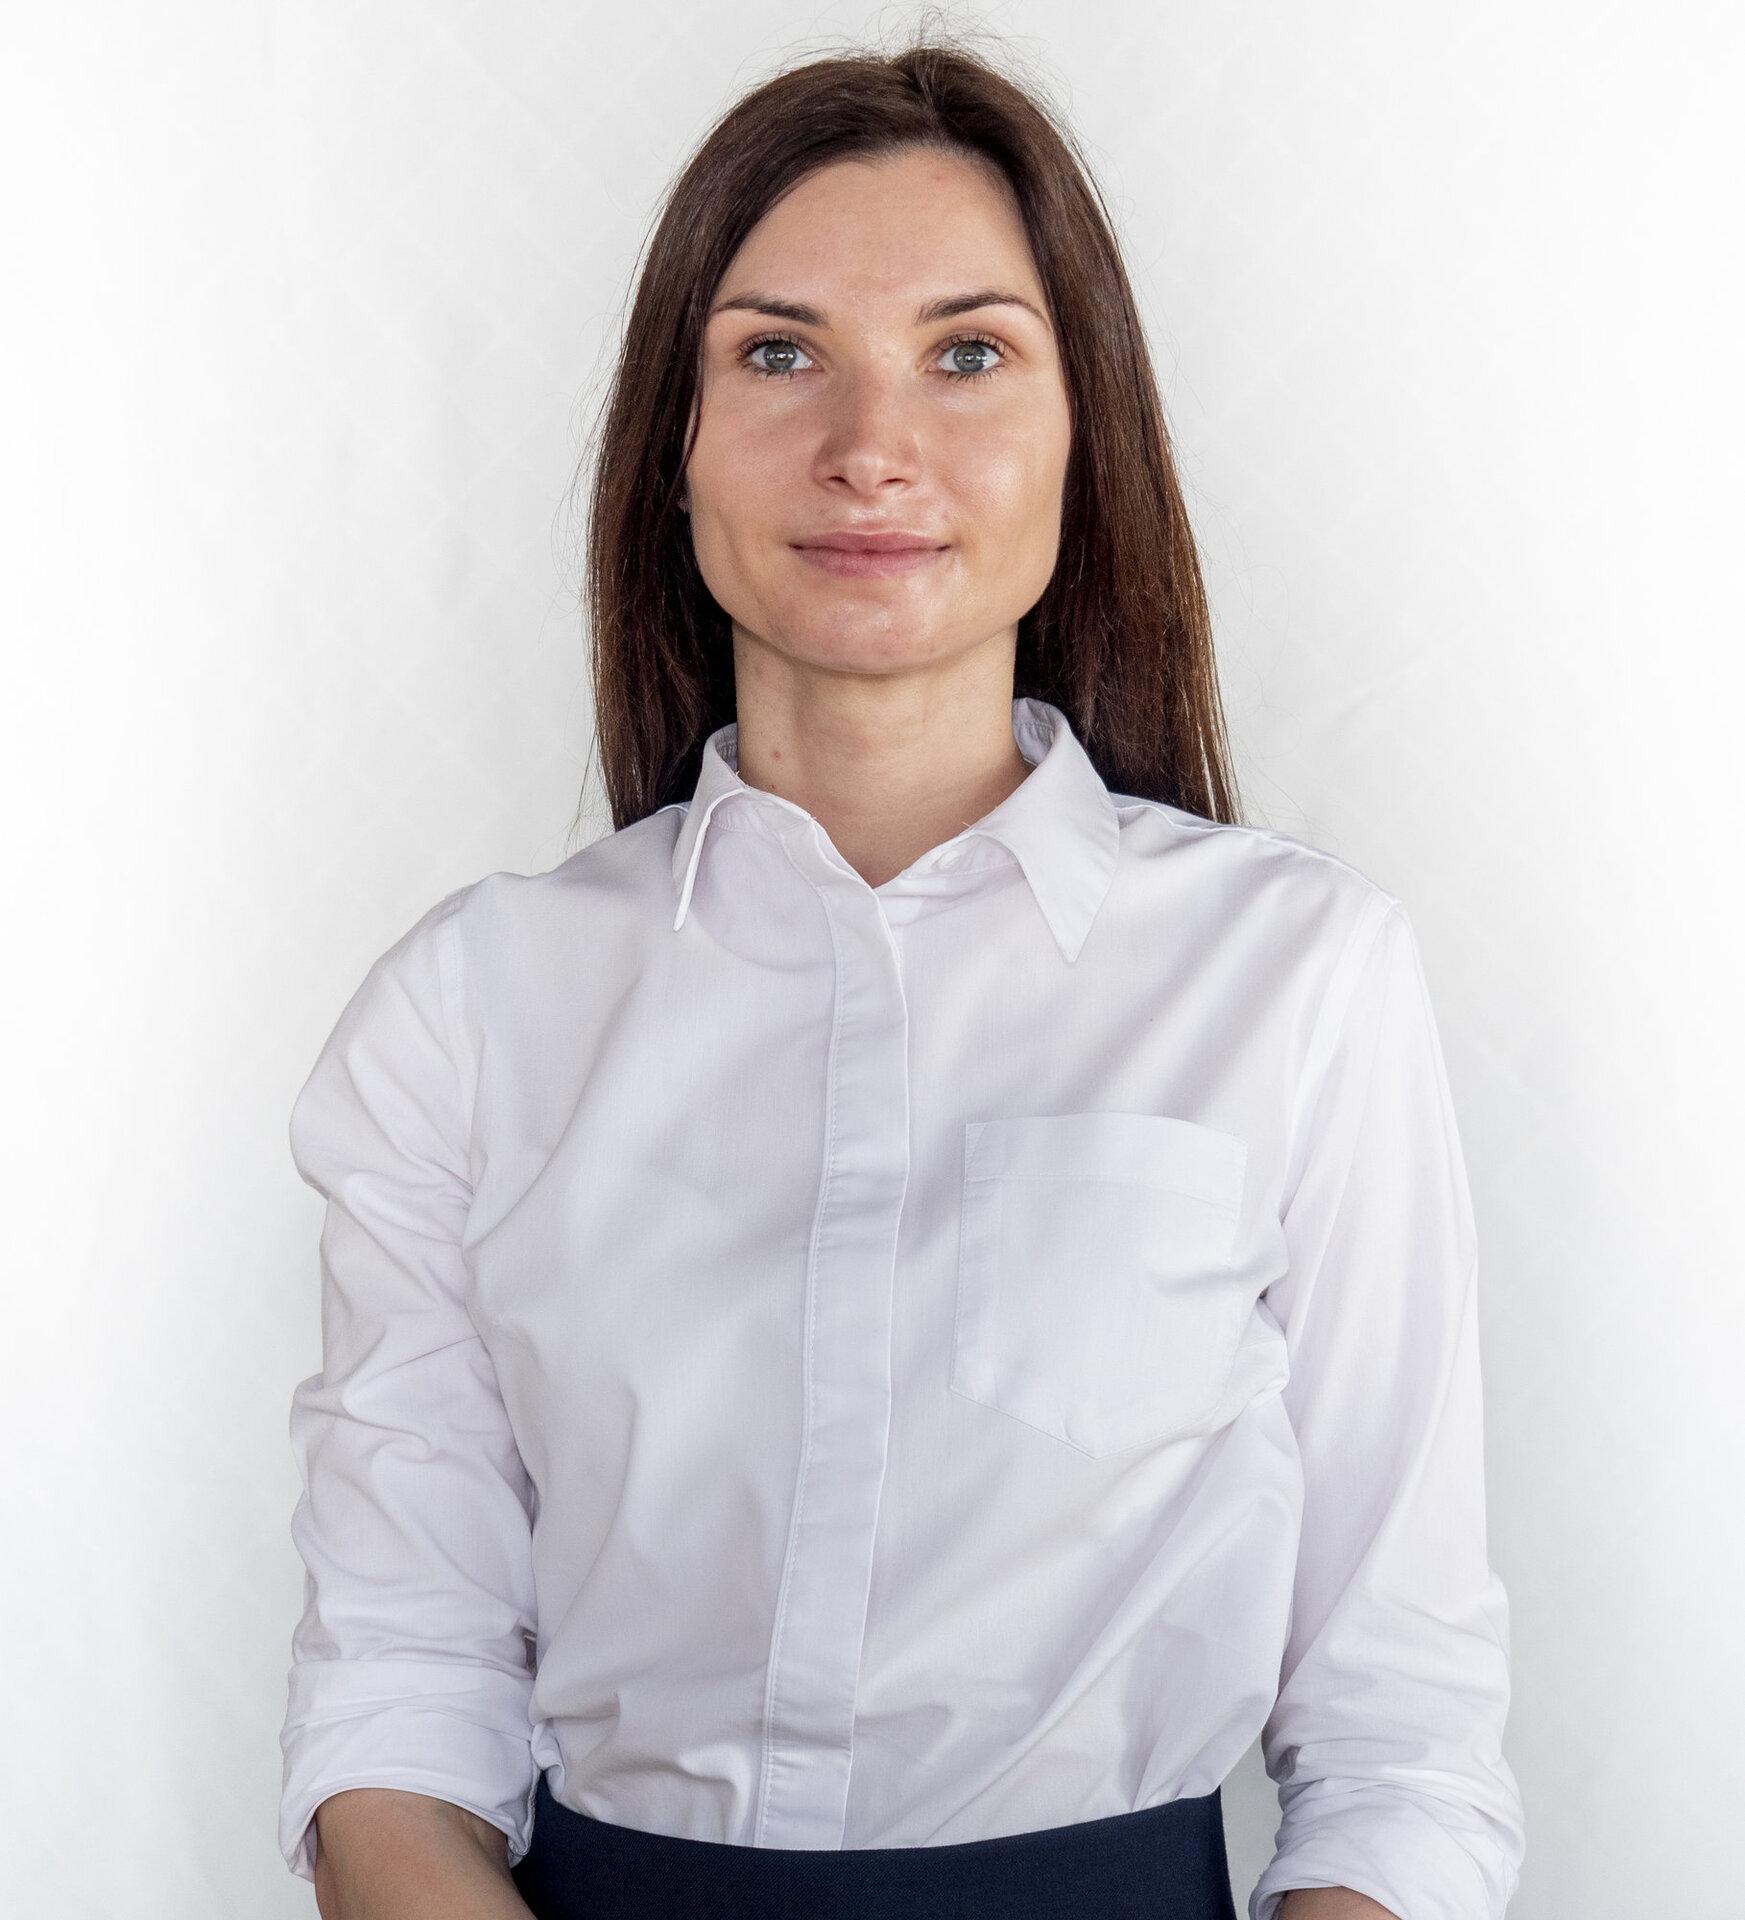 Natalia Zhivago